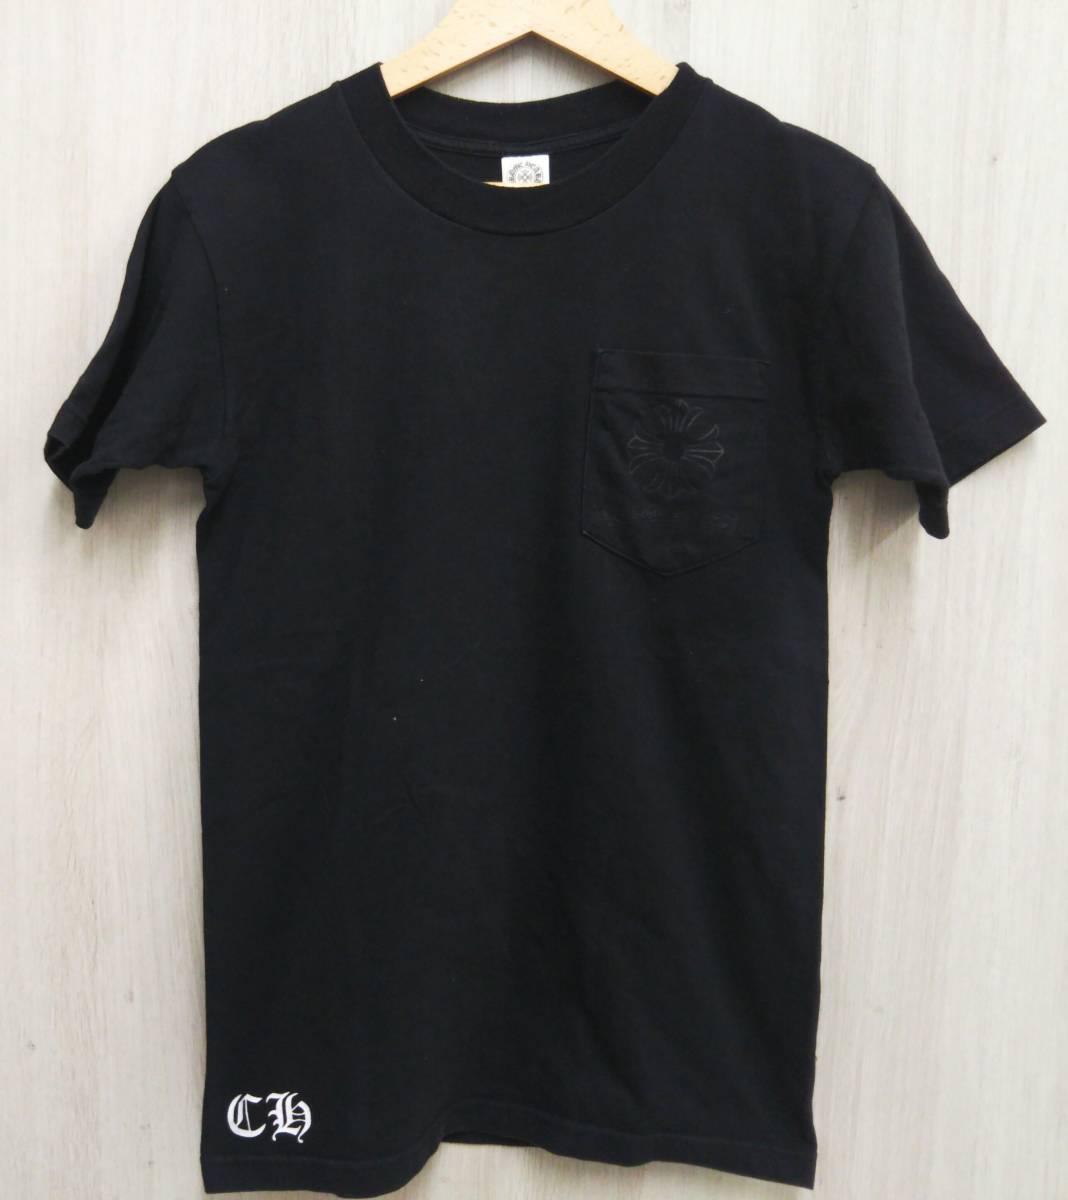 CHROME HEARTS クロムハーツ 半袖Tシャツ Sサイズ ブラック_画像1